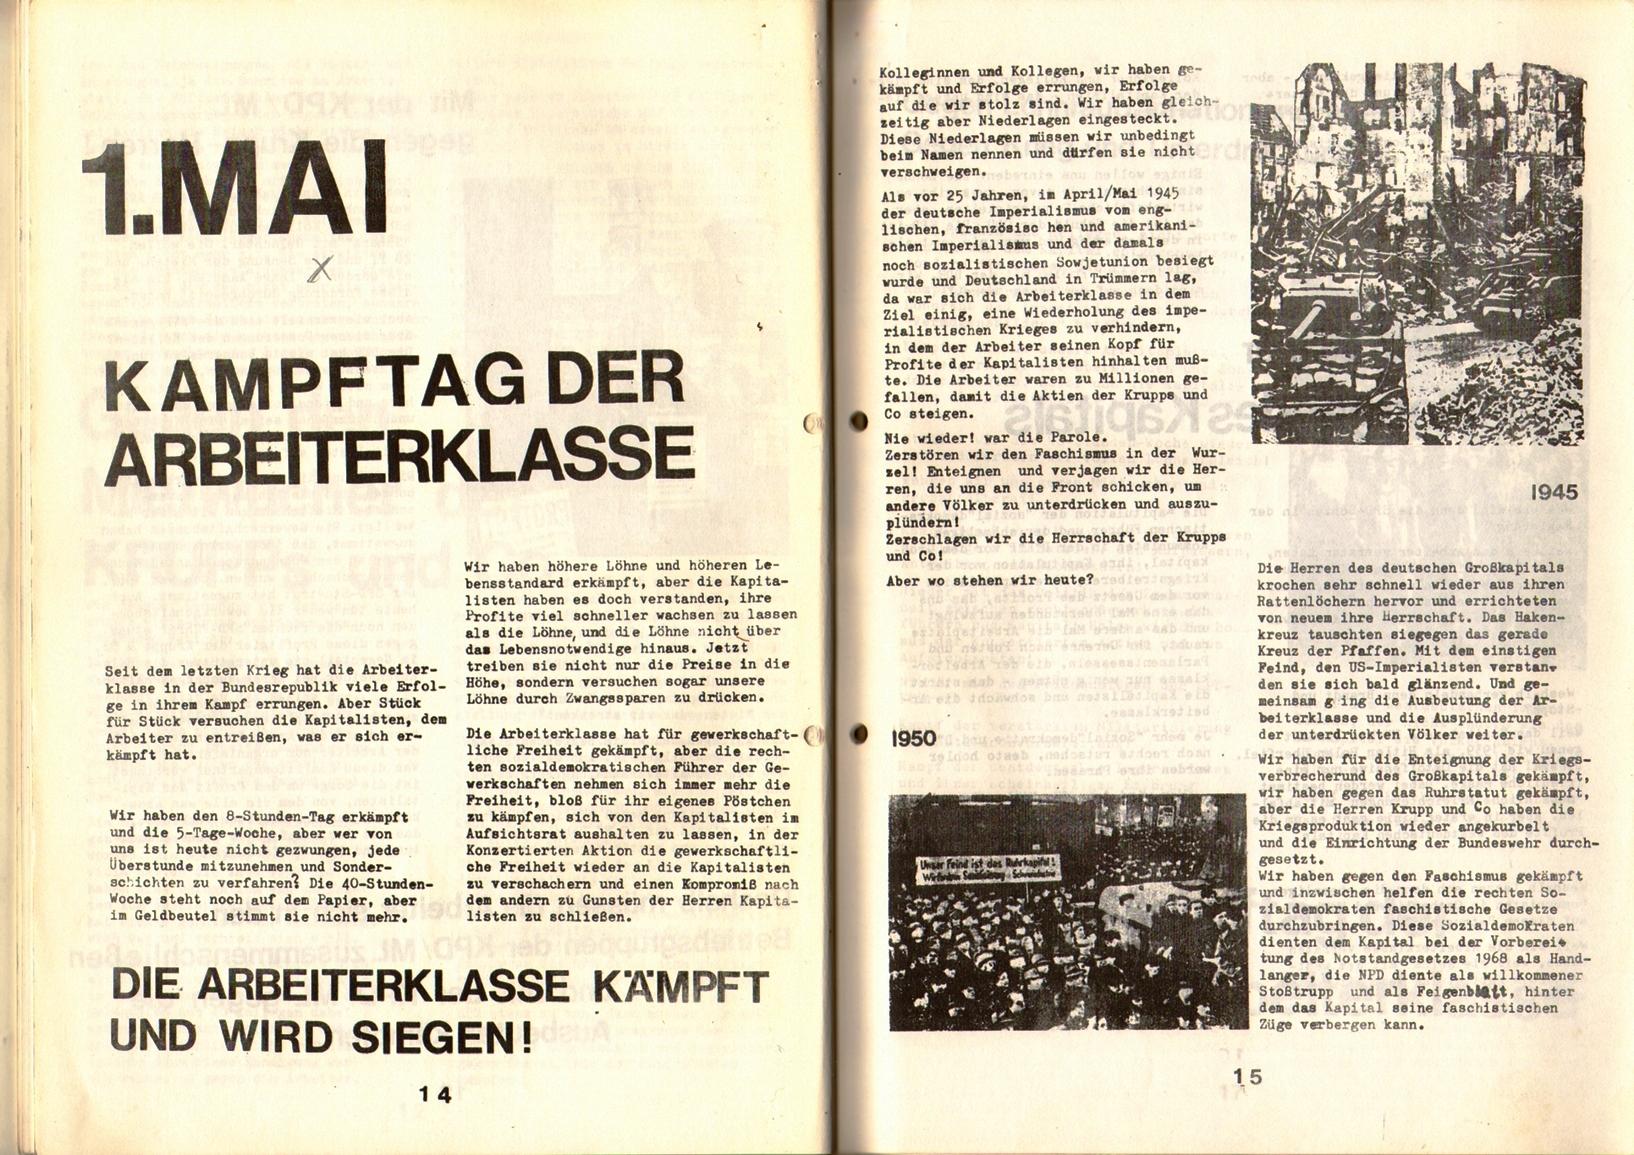 KDAJ, 1. Jg., April 1970, Nr. 1, Seite 14+15